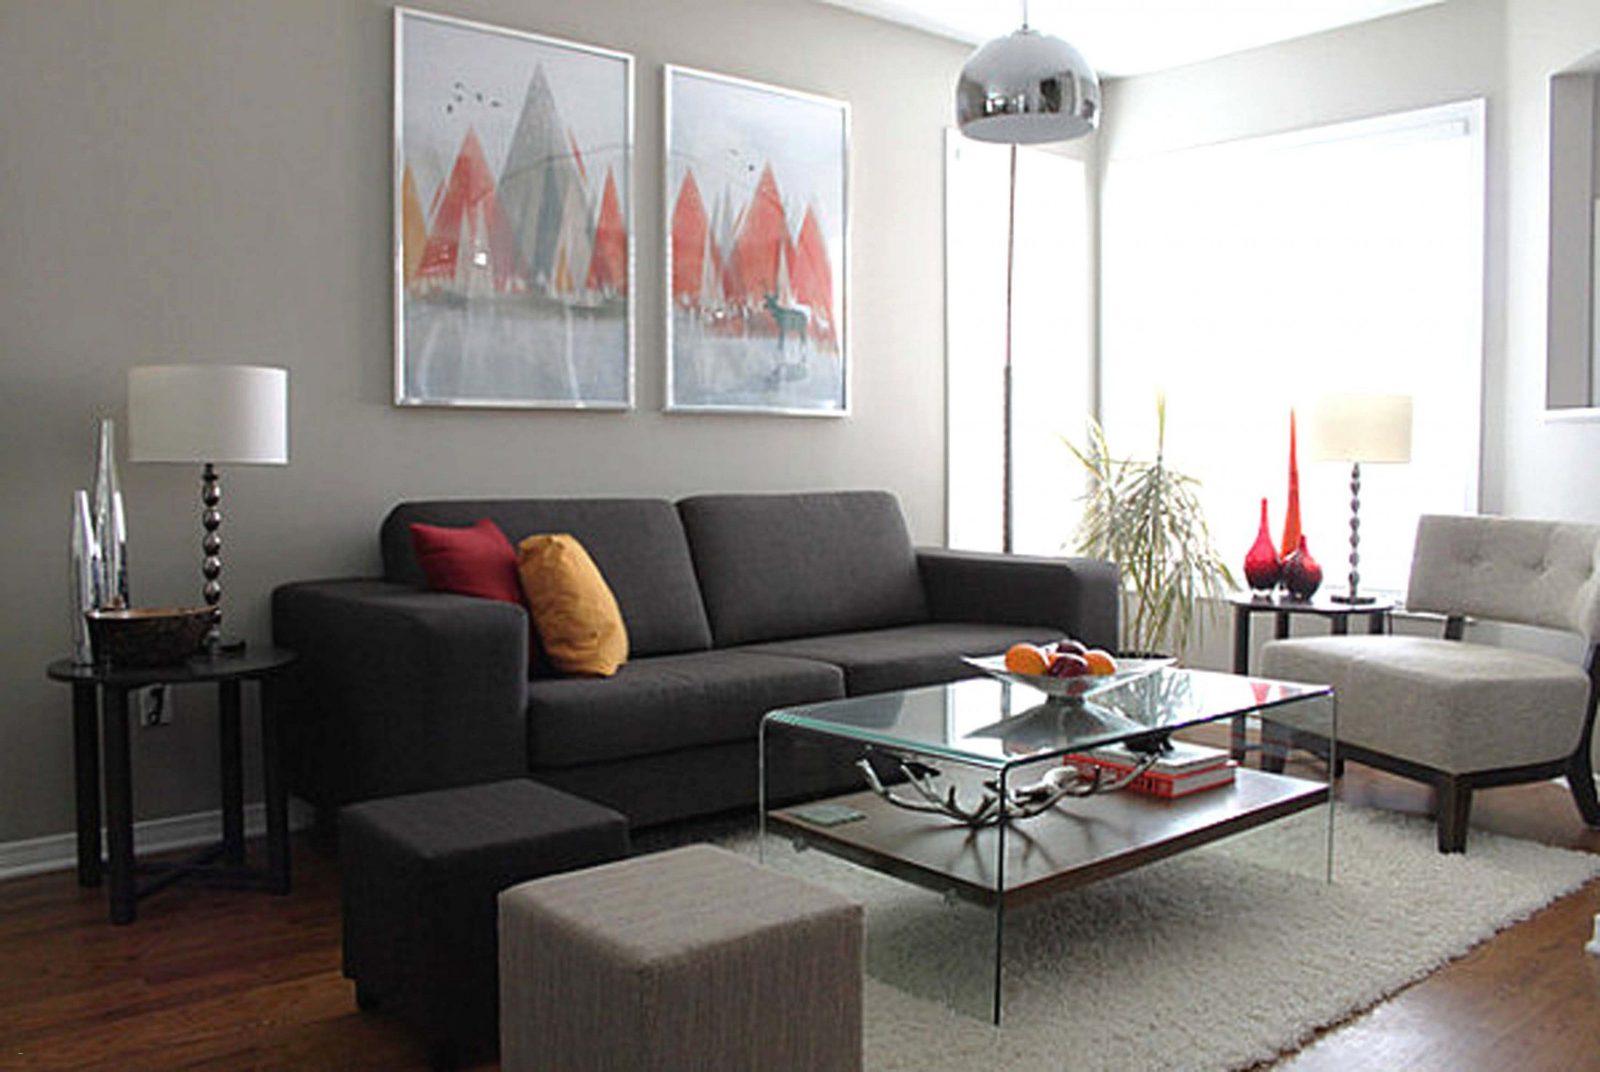 Graues Sofa Welche Wandfarbe Einzigartig Sehr Gute Ideen Wandfarbe von Graues Sofa Welche Wandfarbe Photo